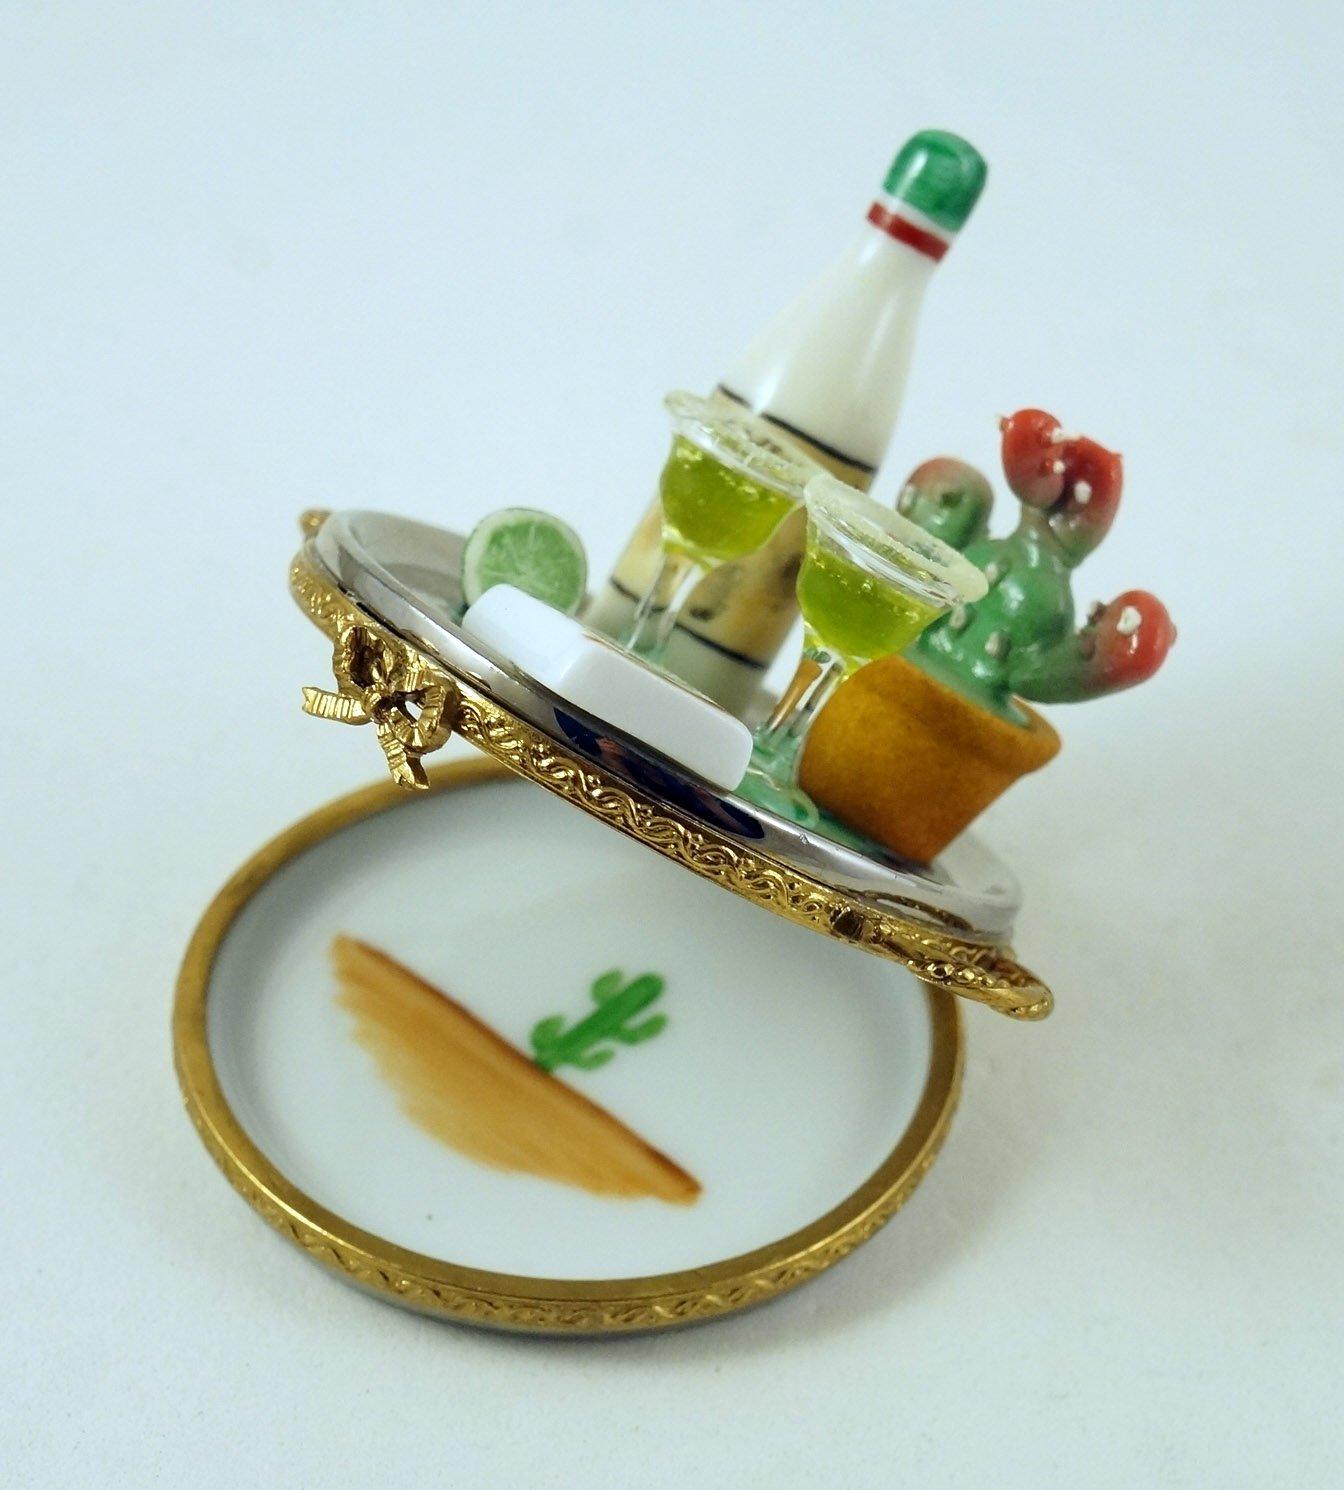 Auténtico francés porcelana pintada a mano caja de Limoges Margarita cócteles bandeja con botella de tequila gafas Cactus y lima: Amazon.es: Hogar